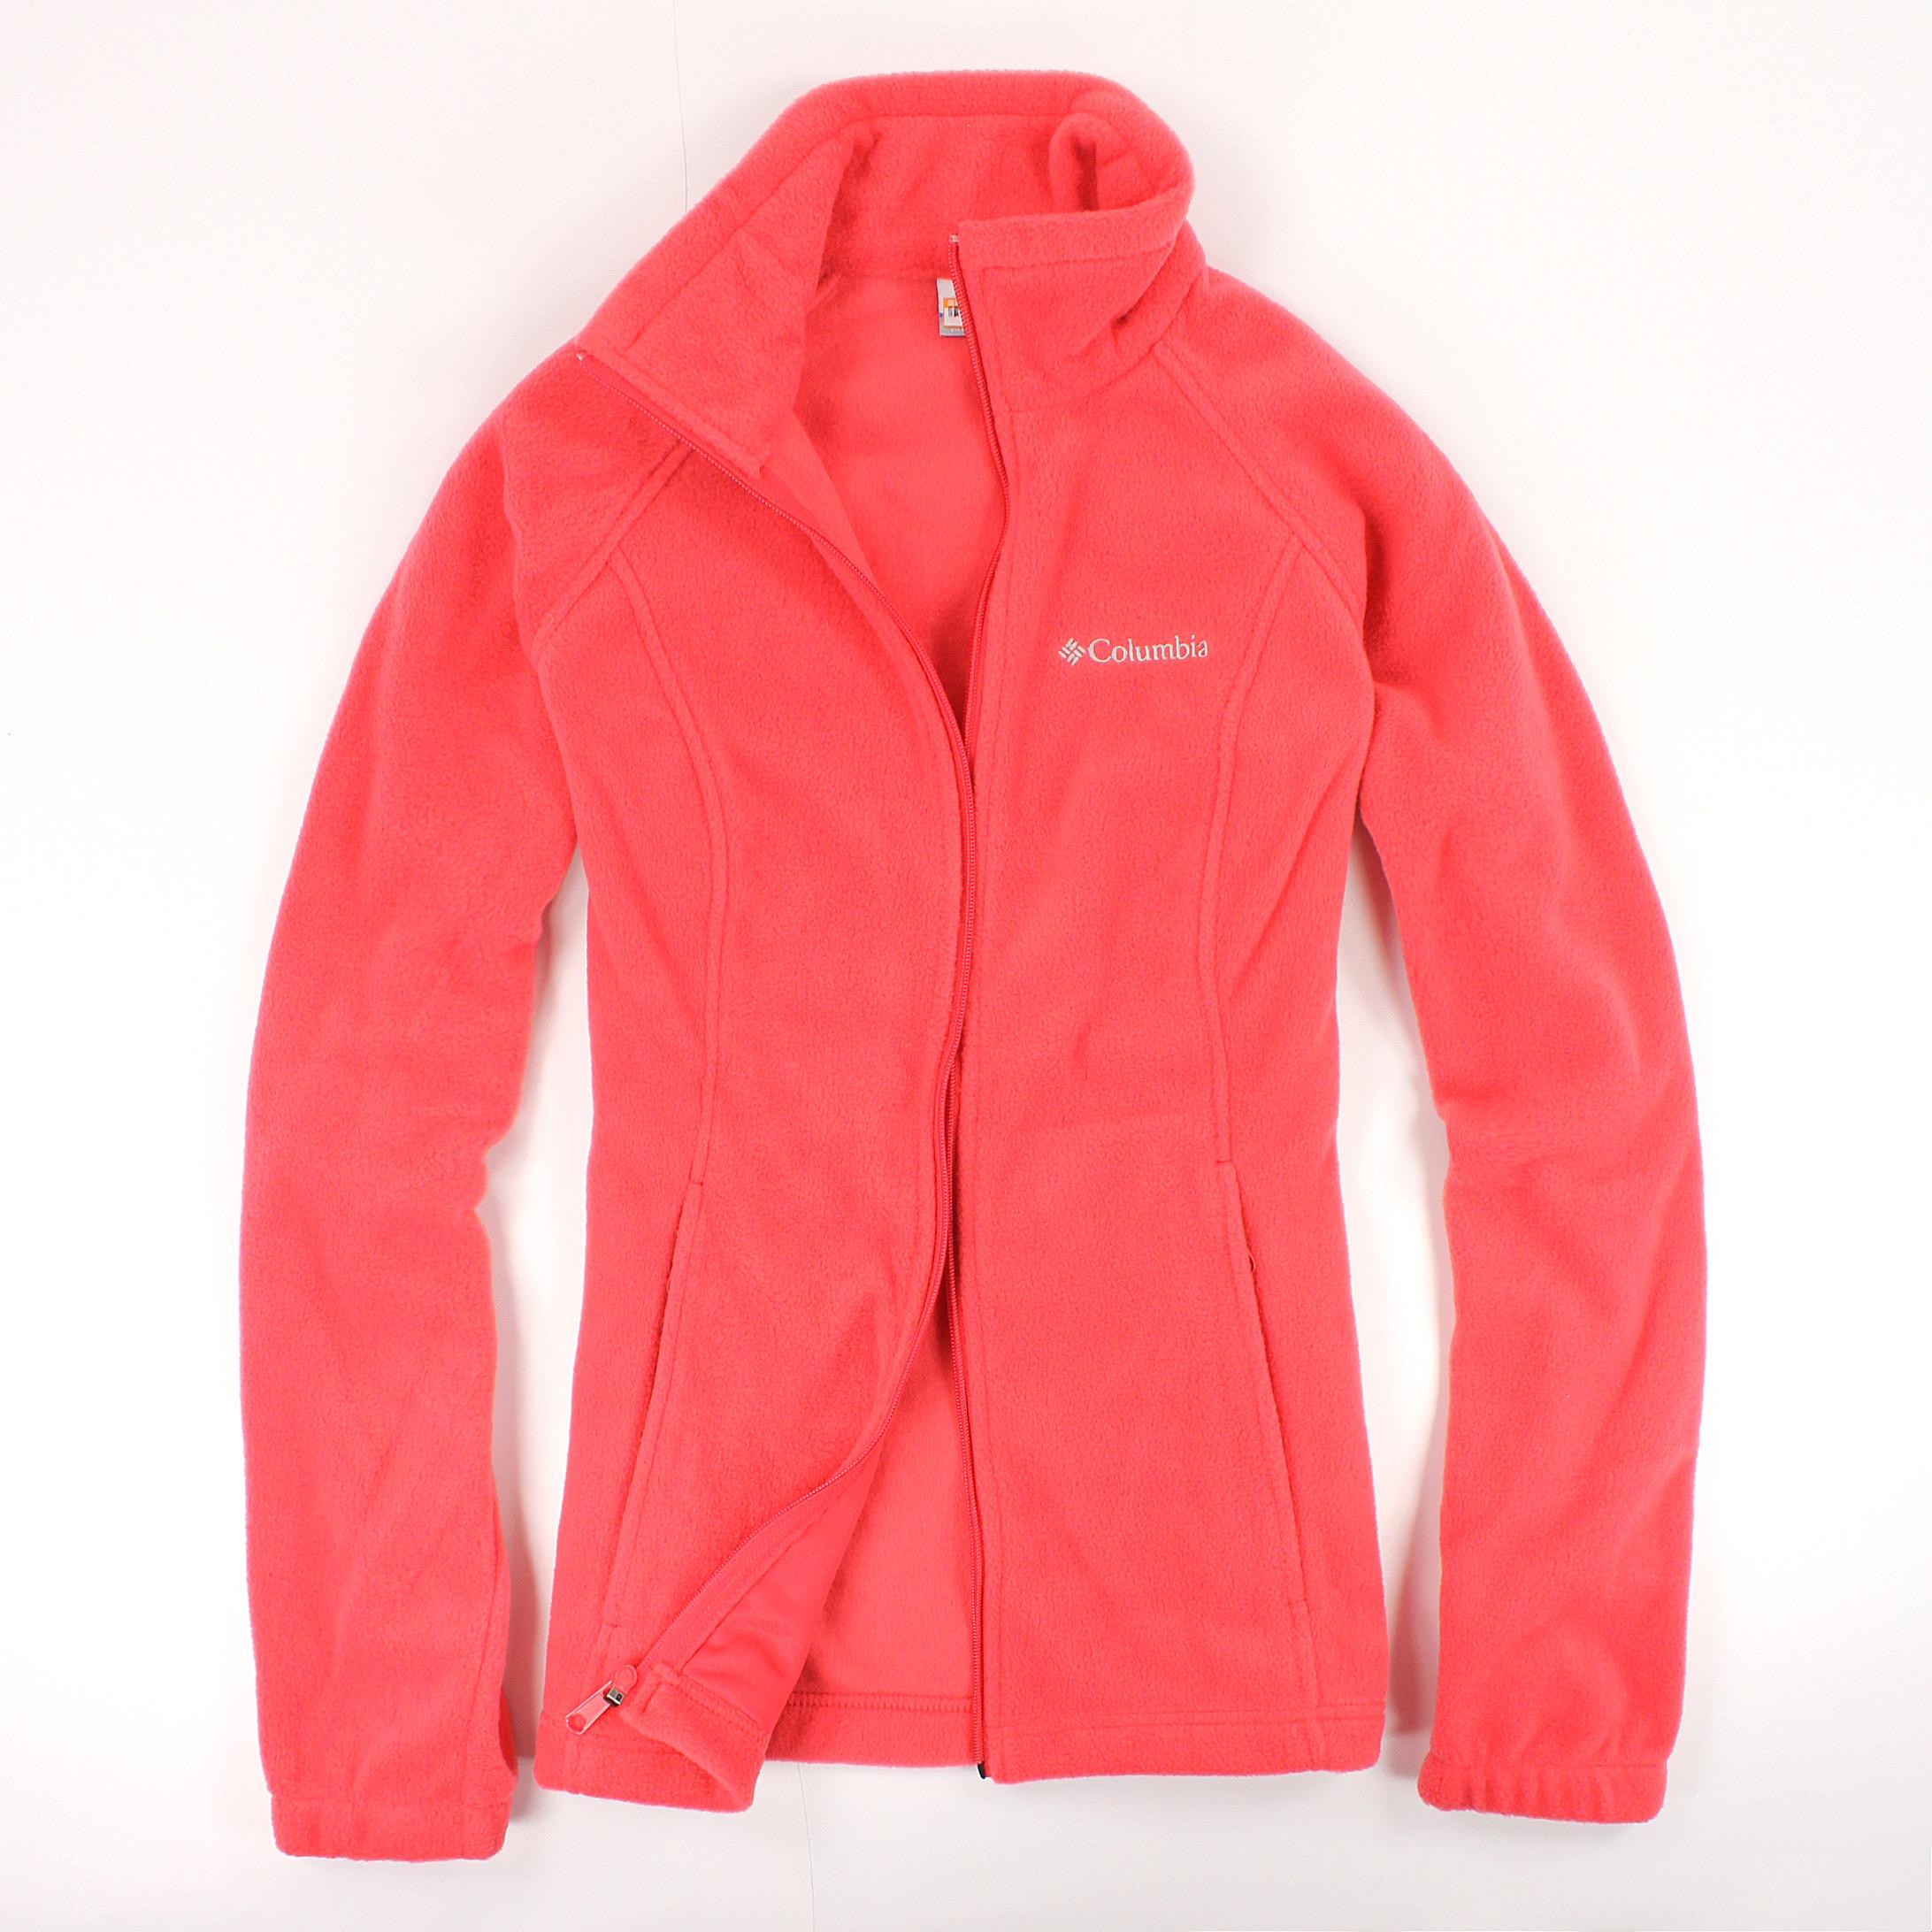 美國百分百【全新真品】Columbia 外套 夾克 刷毛外套 哥倫比亞 鮭魚紅 立領 保暖 女衣 S M號 B534